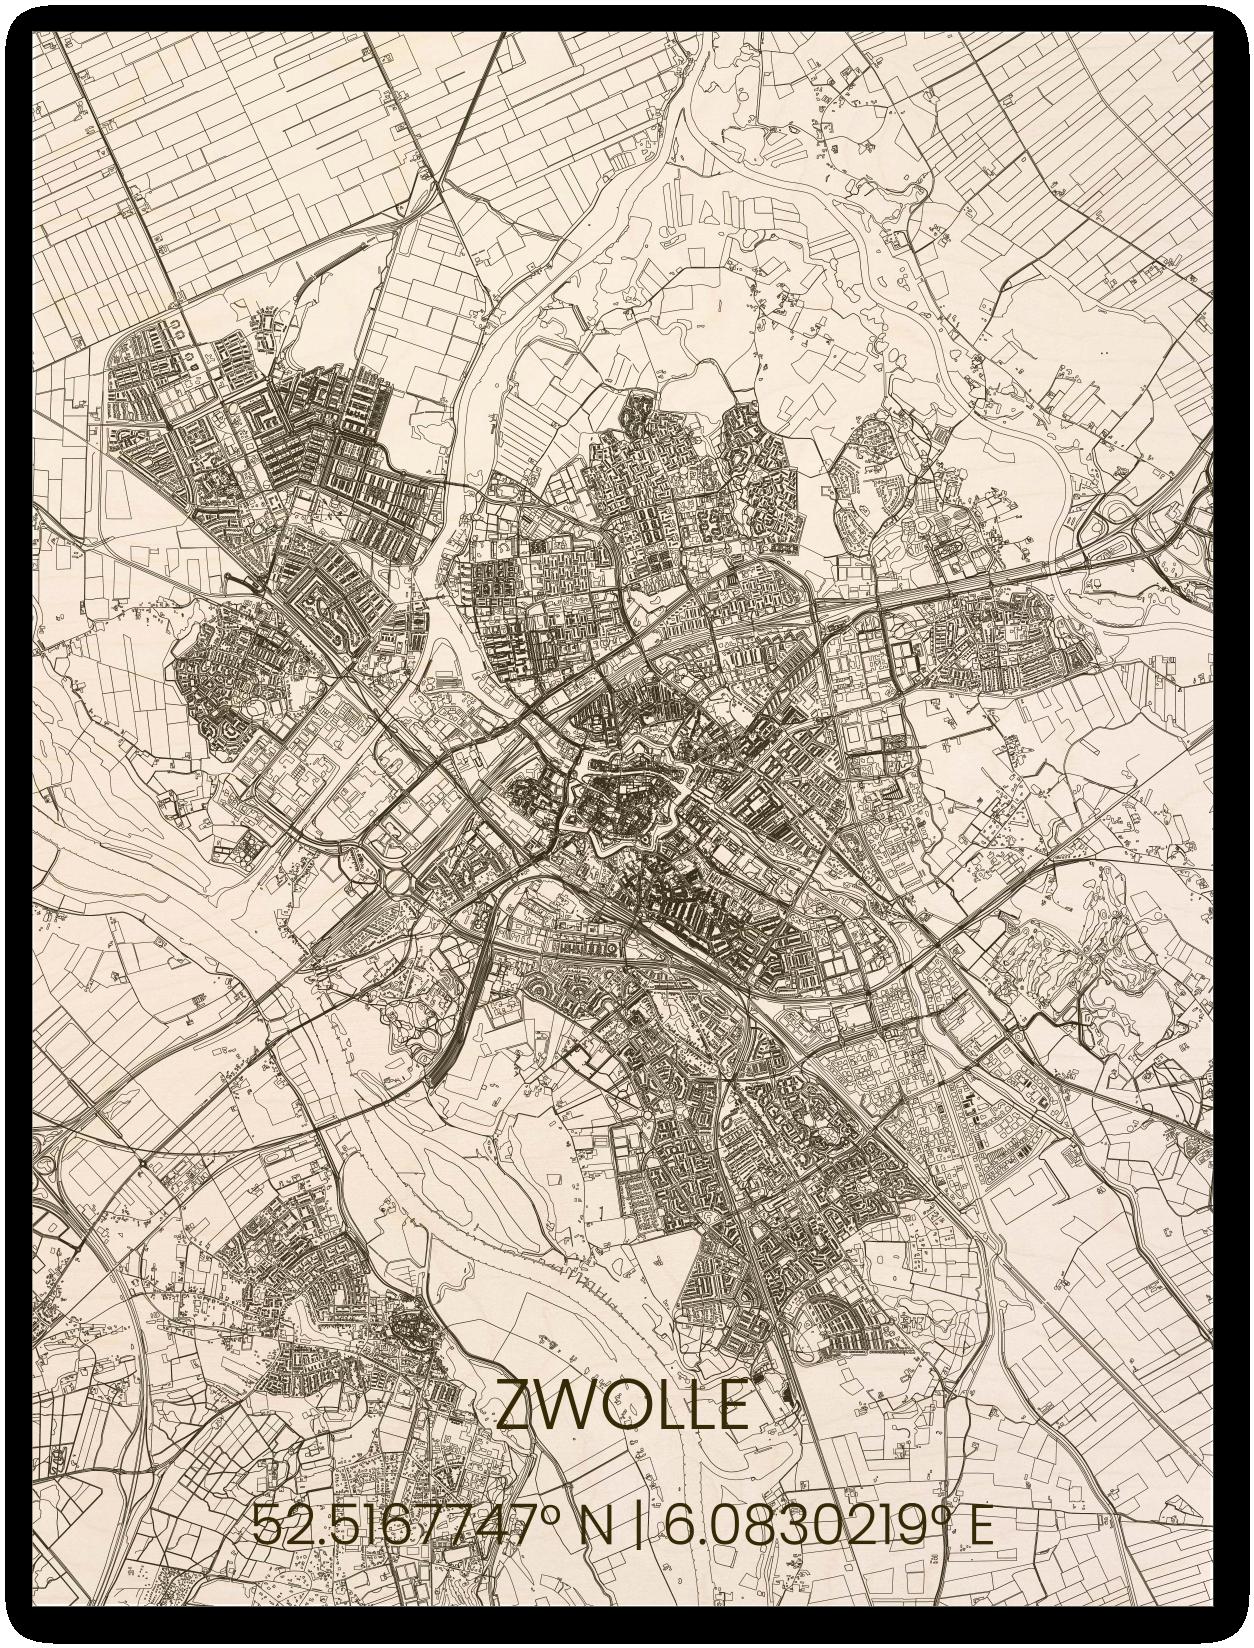 Houten stadsplattegrond Zwolle-1